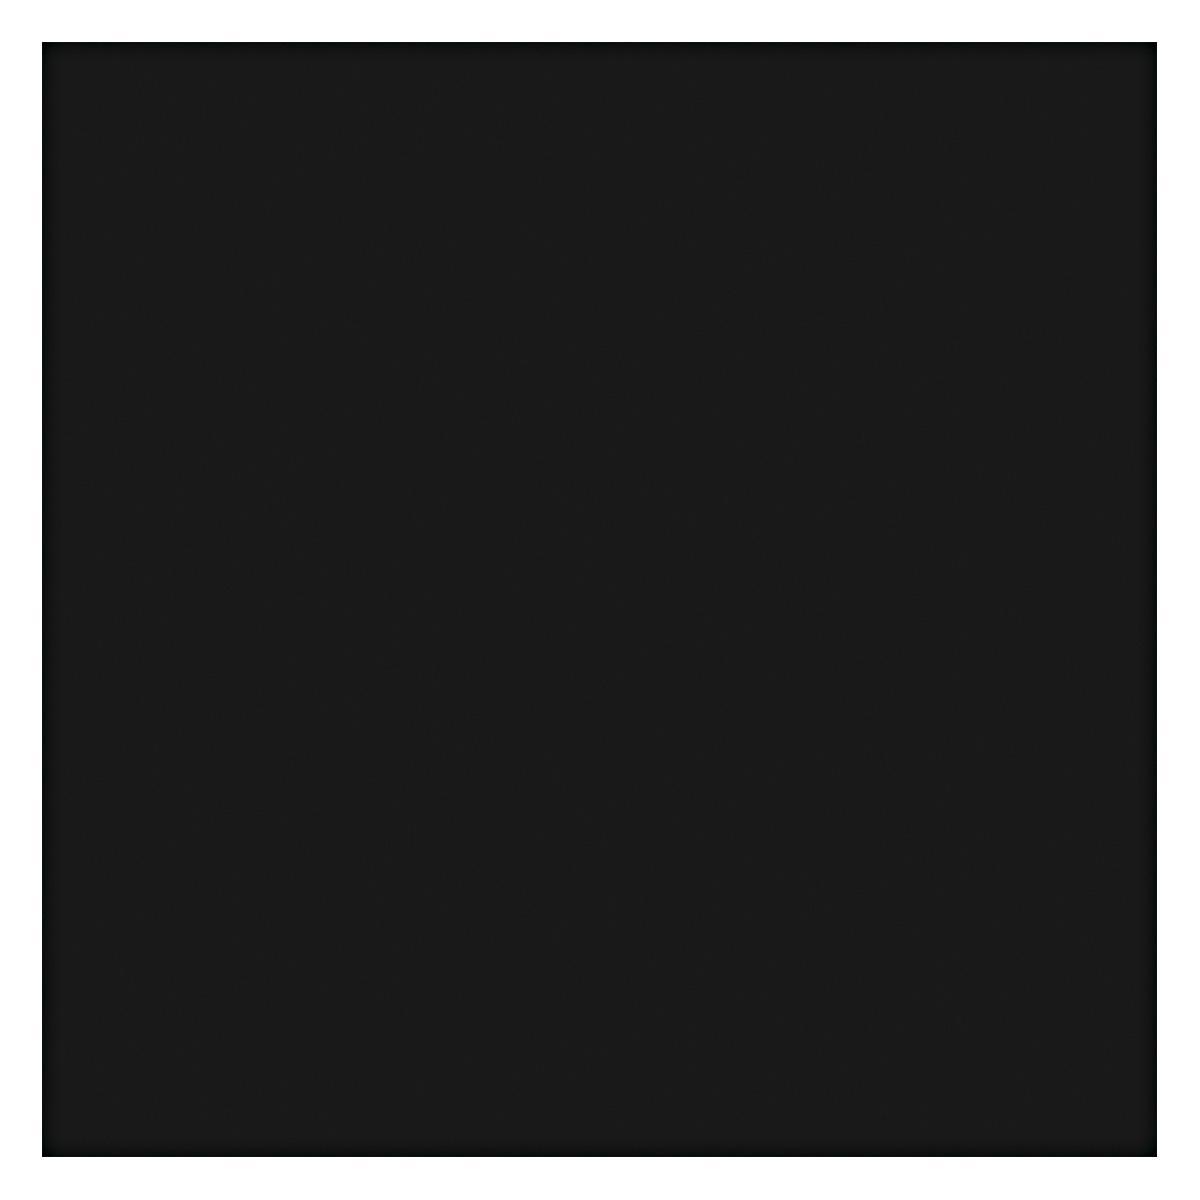 Porcelanato Super Negro Brillante - 60X60 cm - 1.44 m2